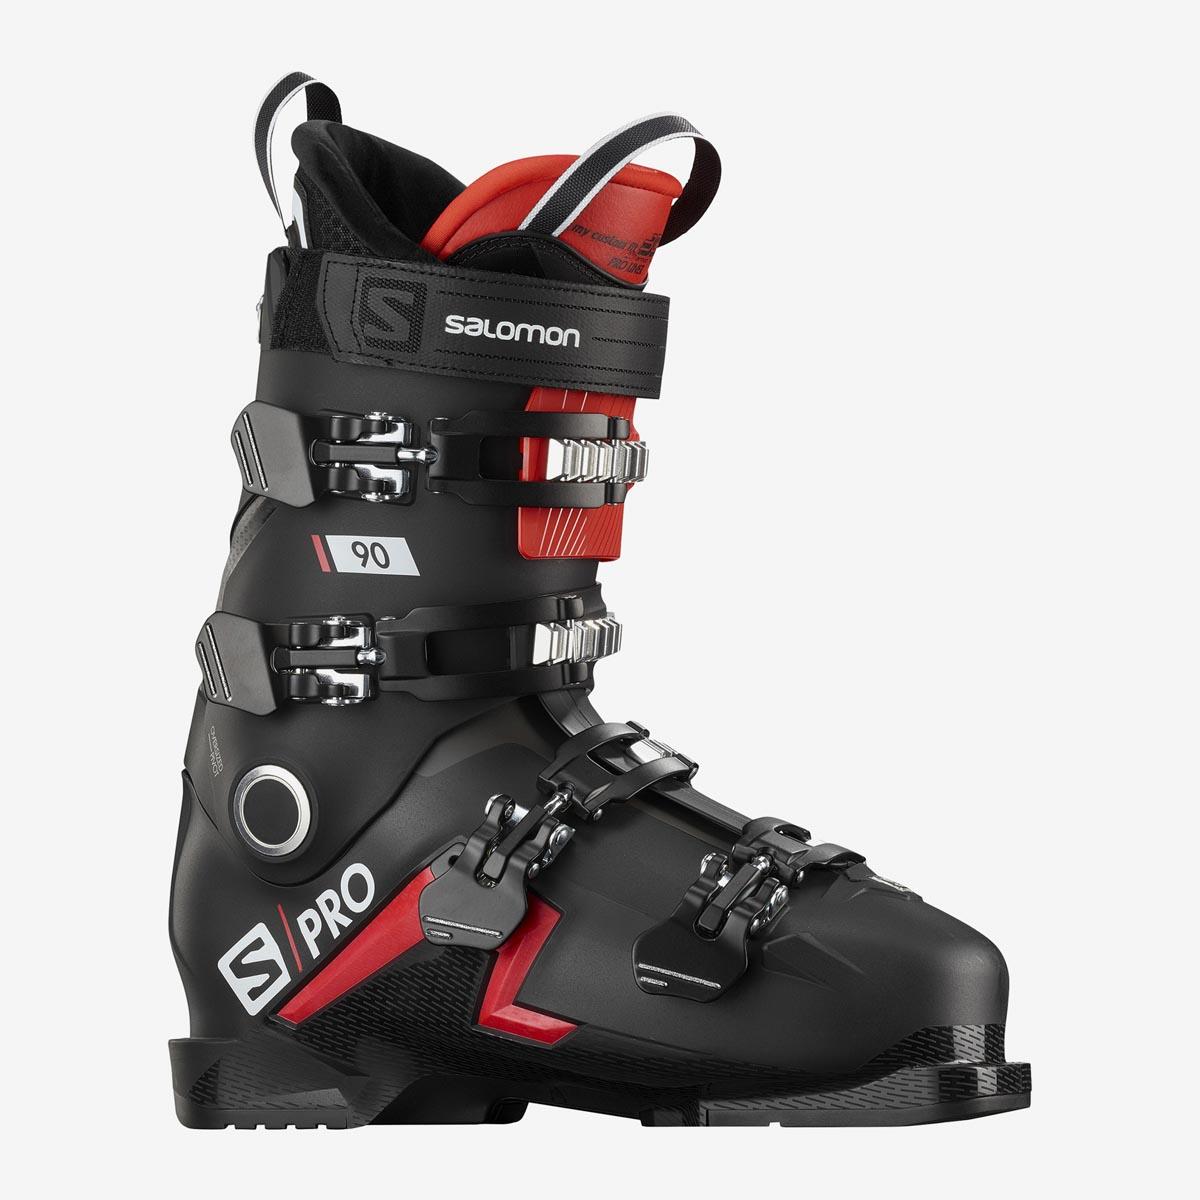 Ботинки лыжные S/PRO 90